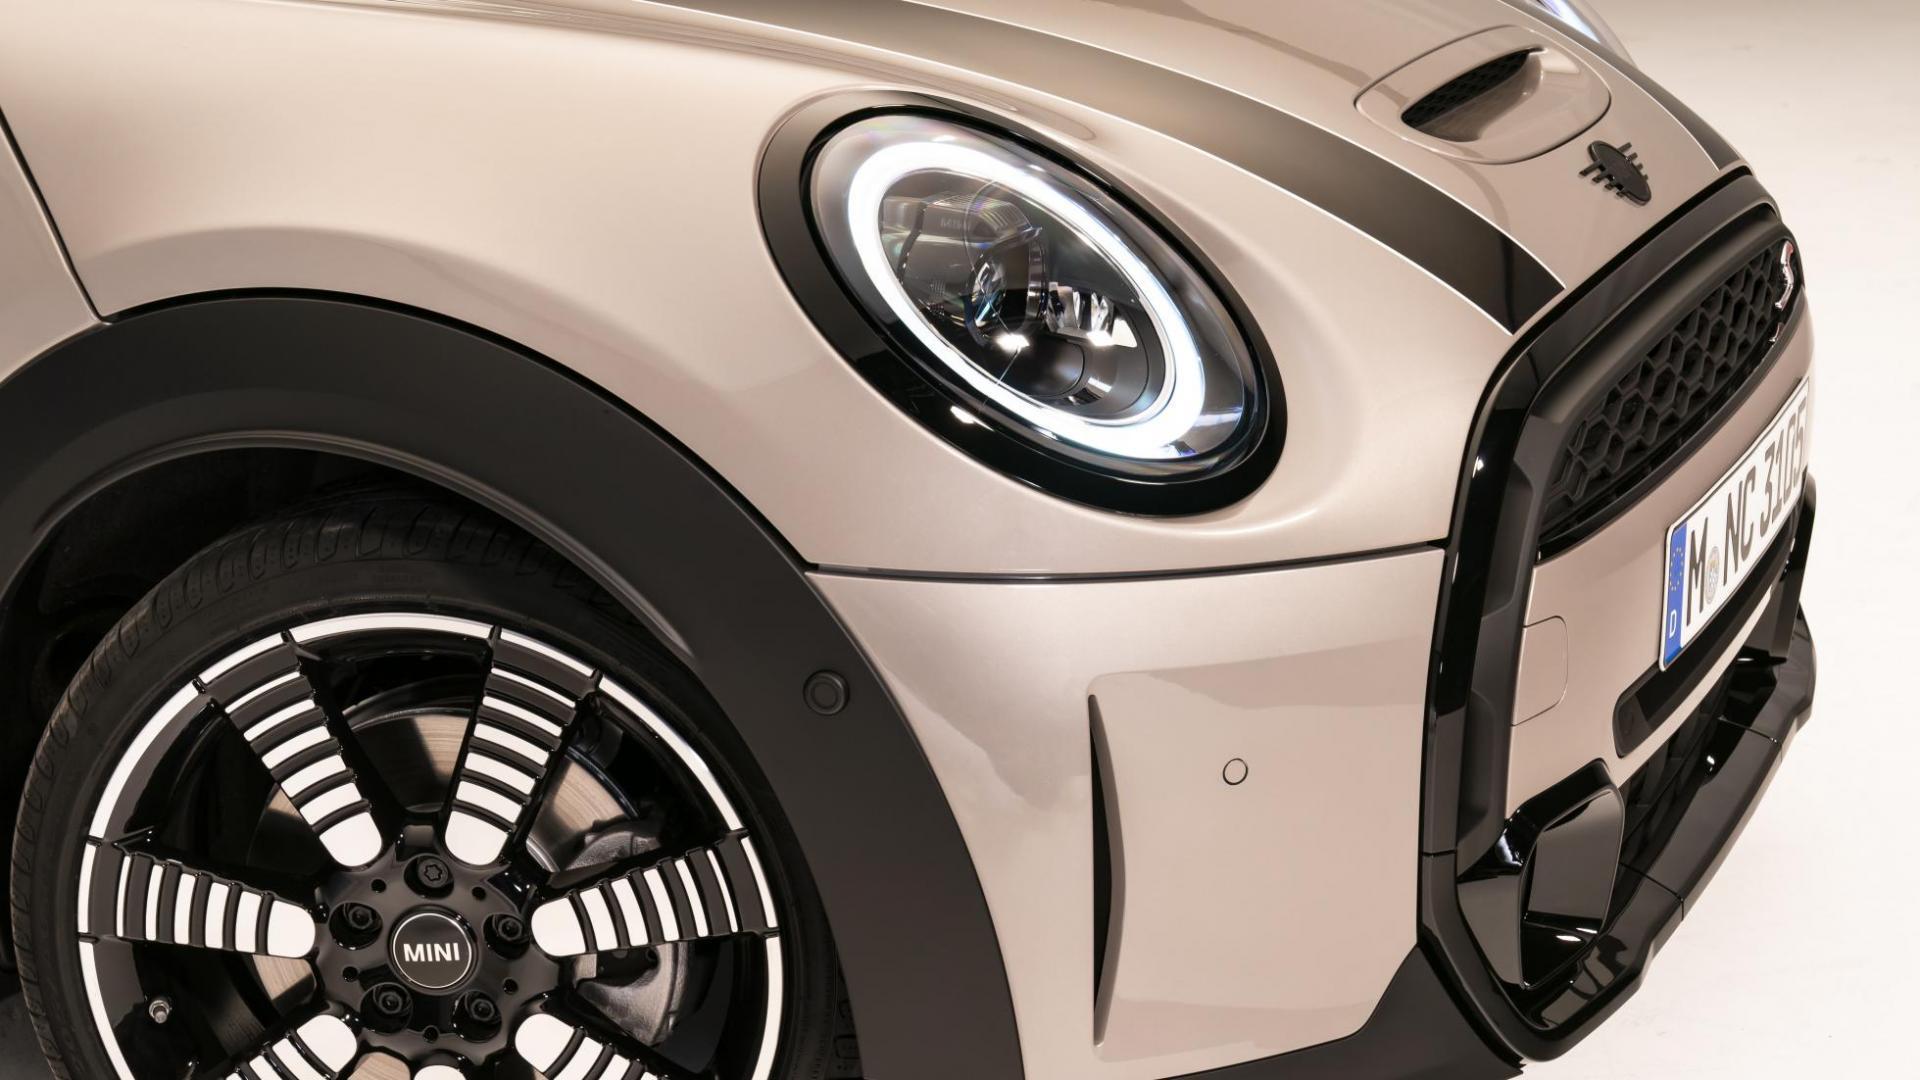 Mini Cooper S facelift 2021